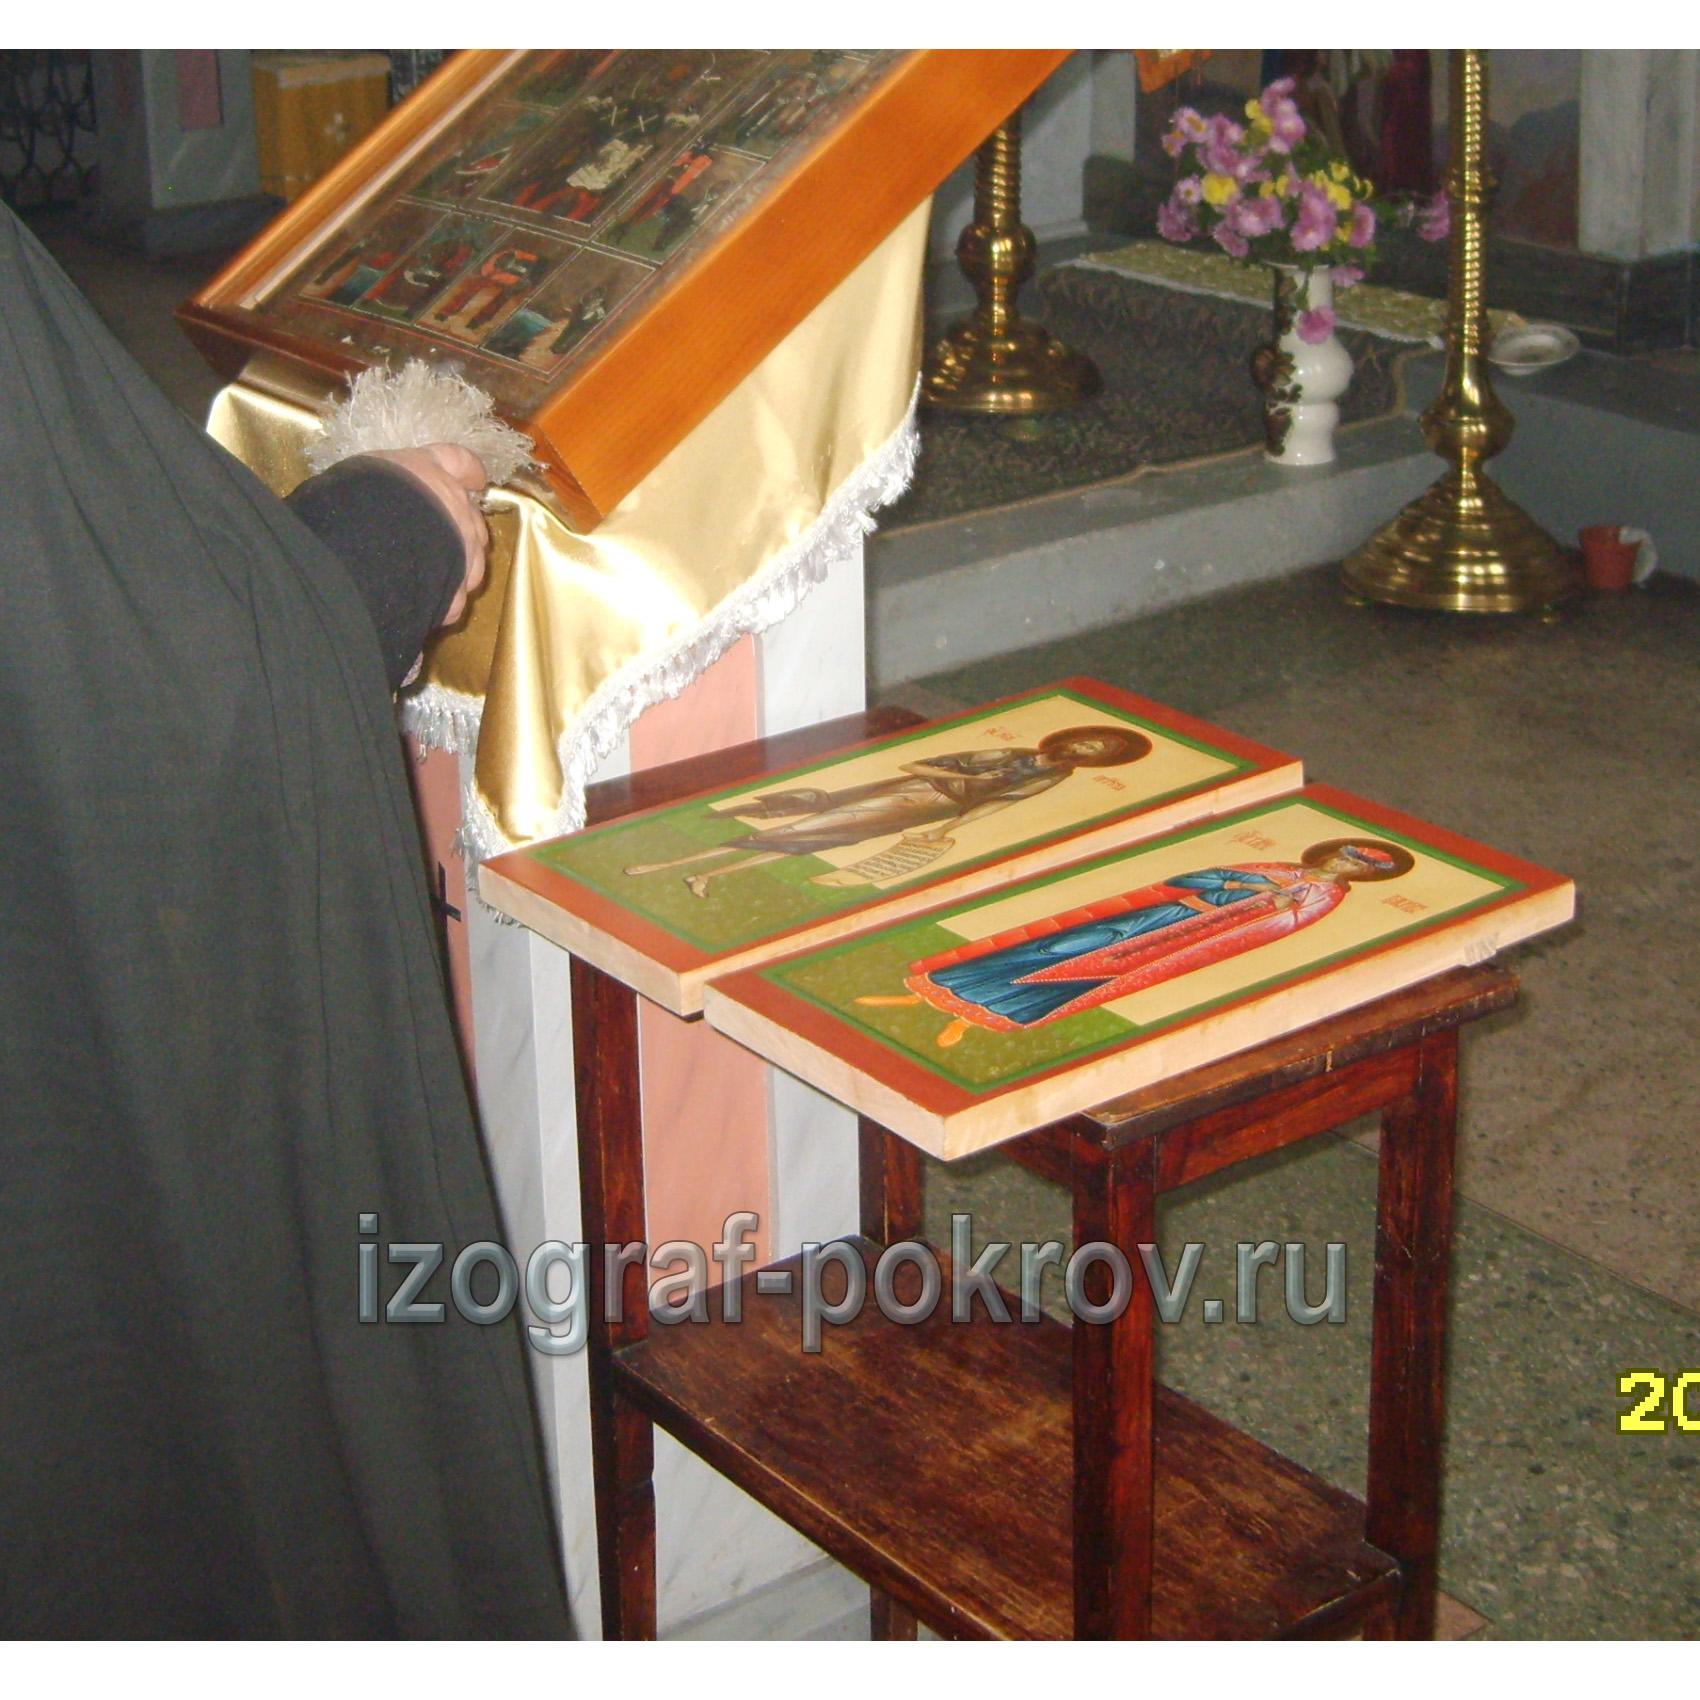 Готовые иконы Иоанна Предтечи и Давида Ярославского освящает настоятель храма Покрова Пресвятой Богородицы